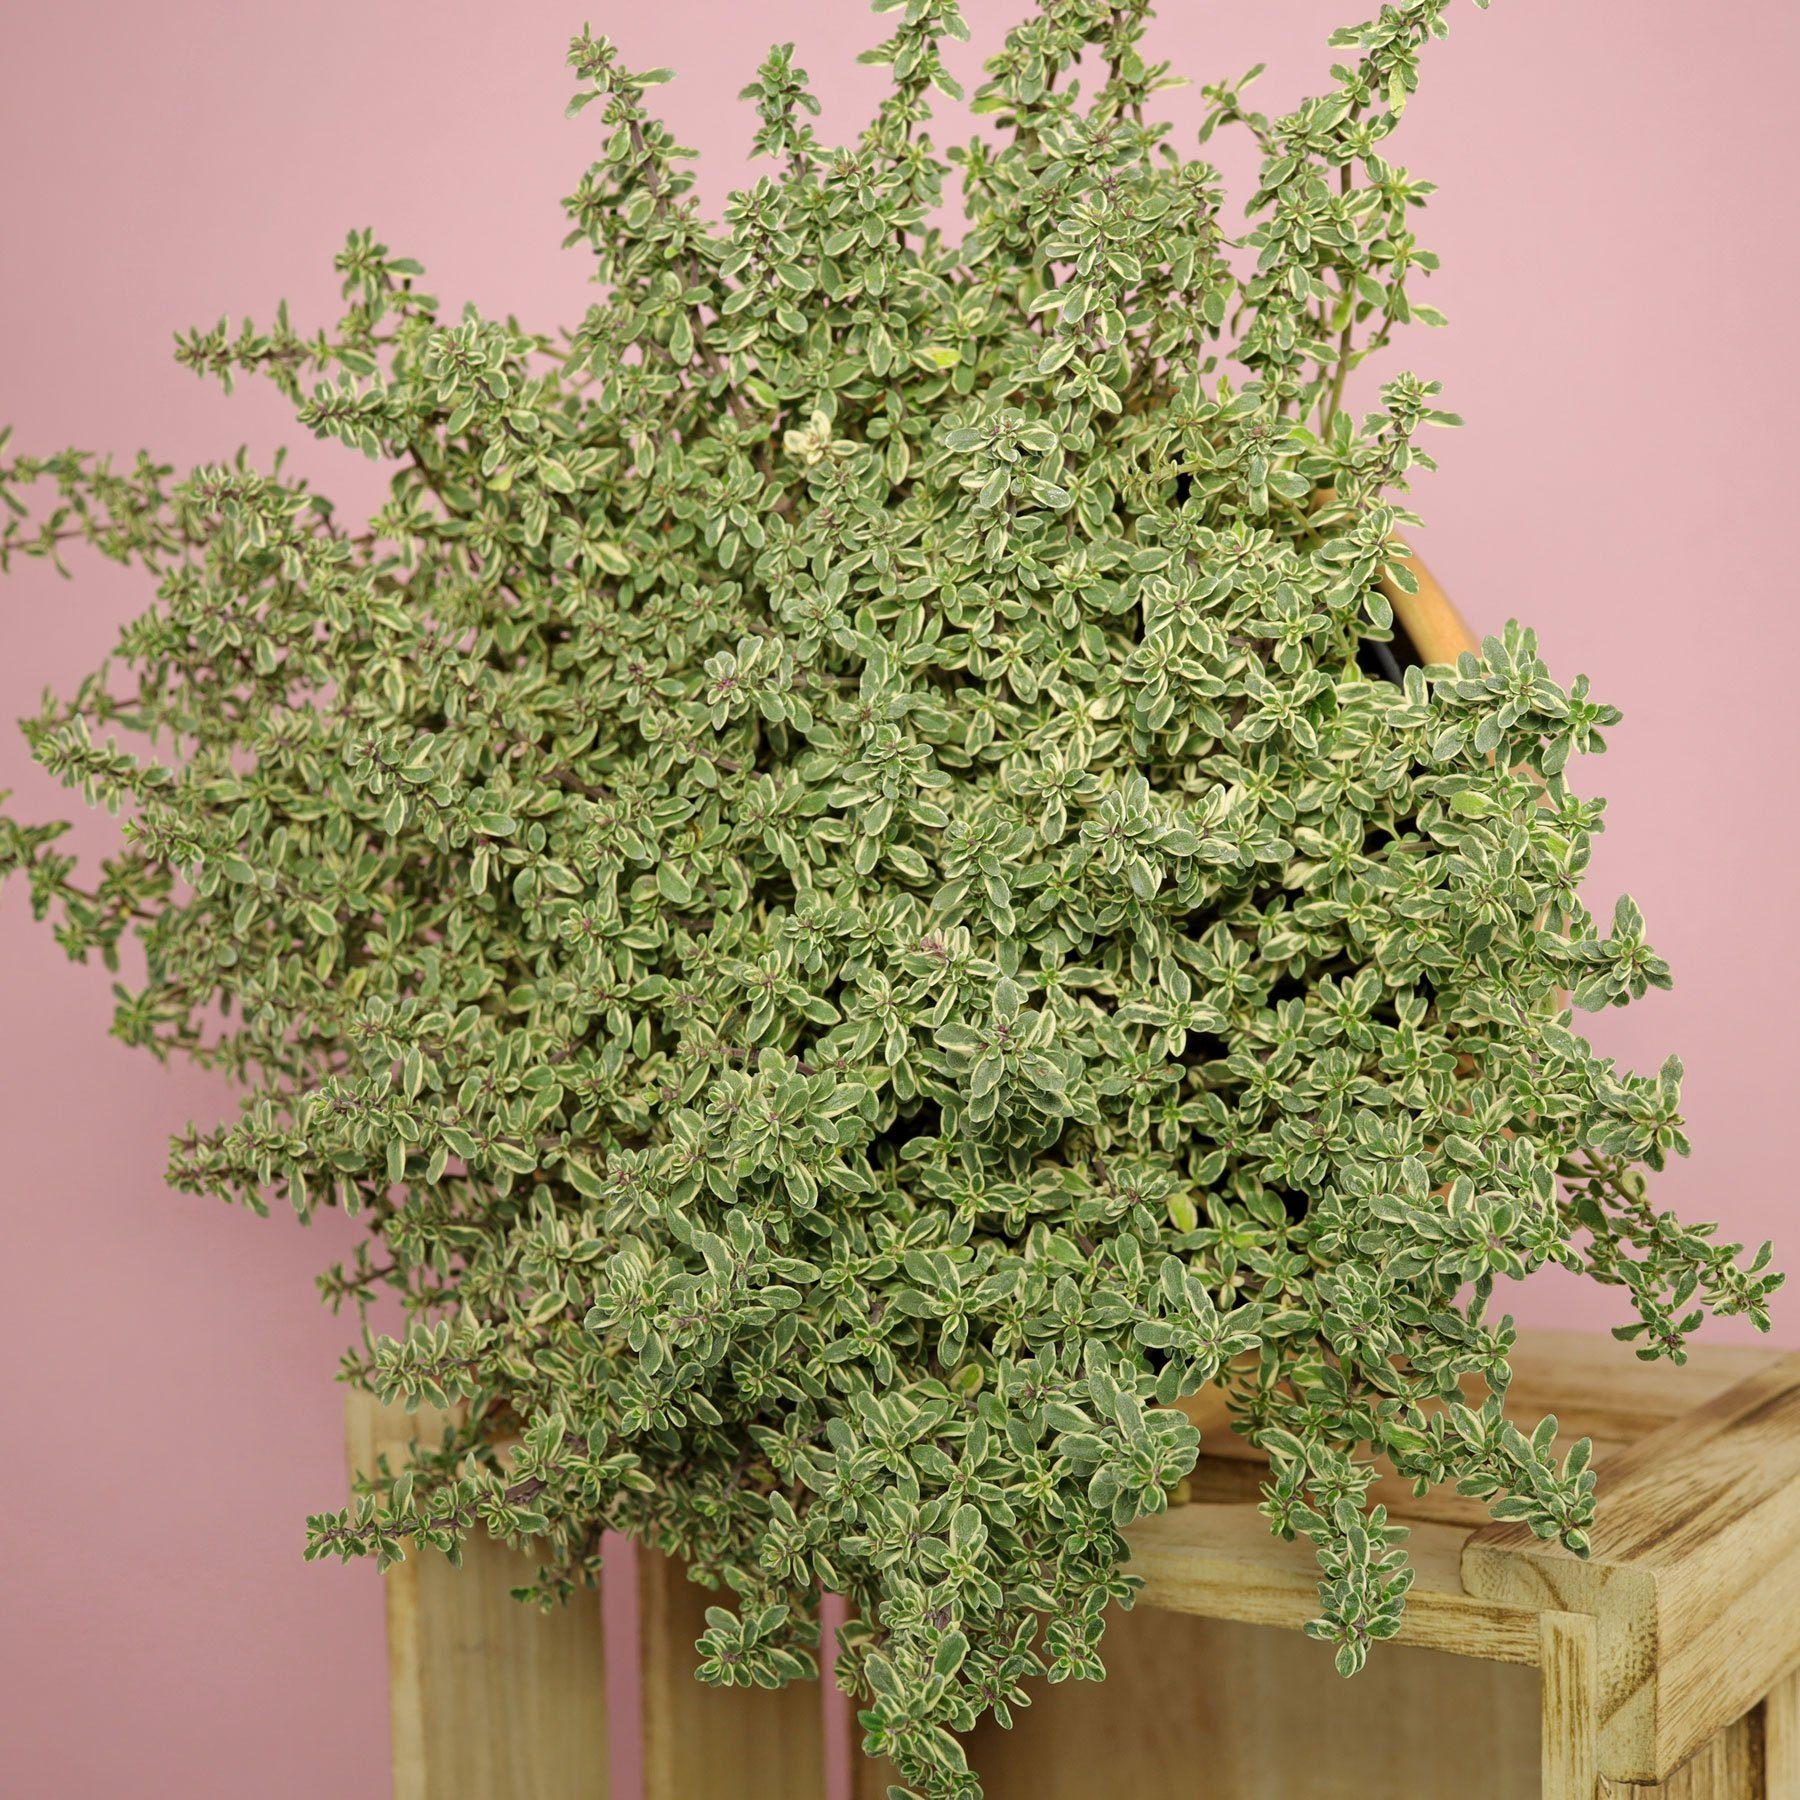 Thymus citriodorus Variegata